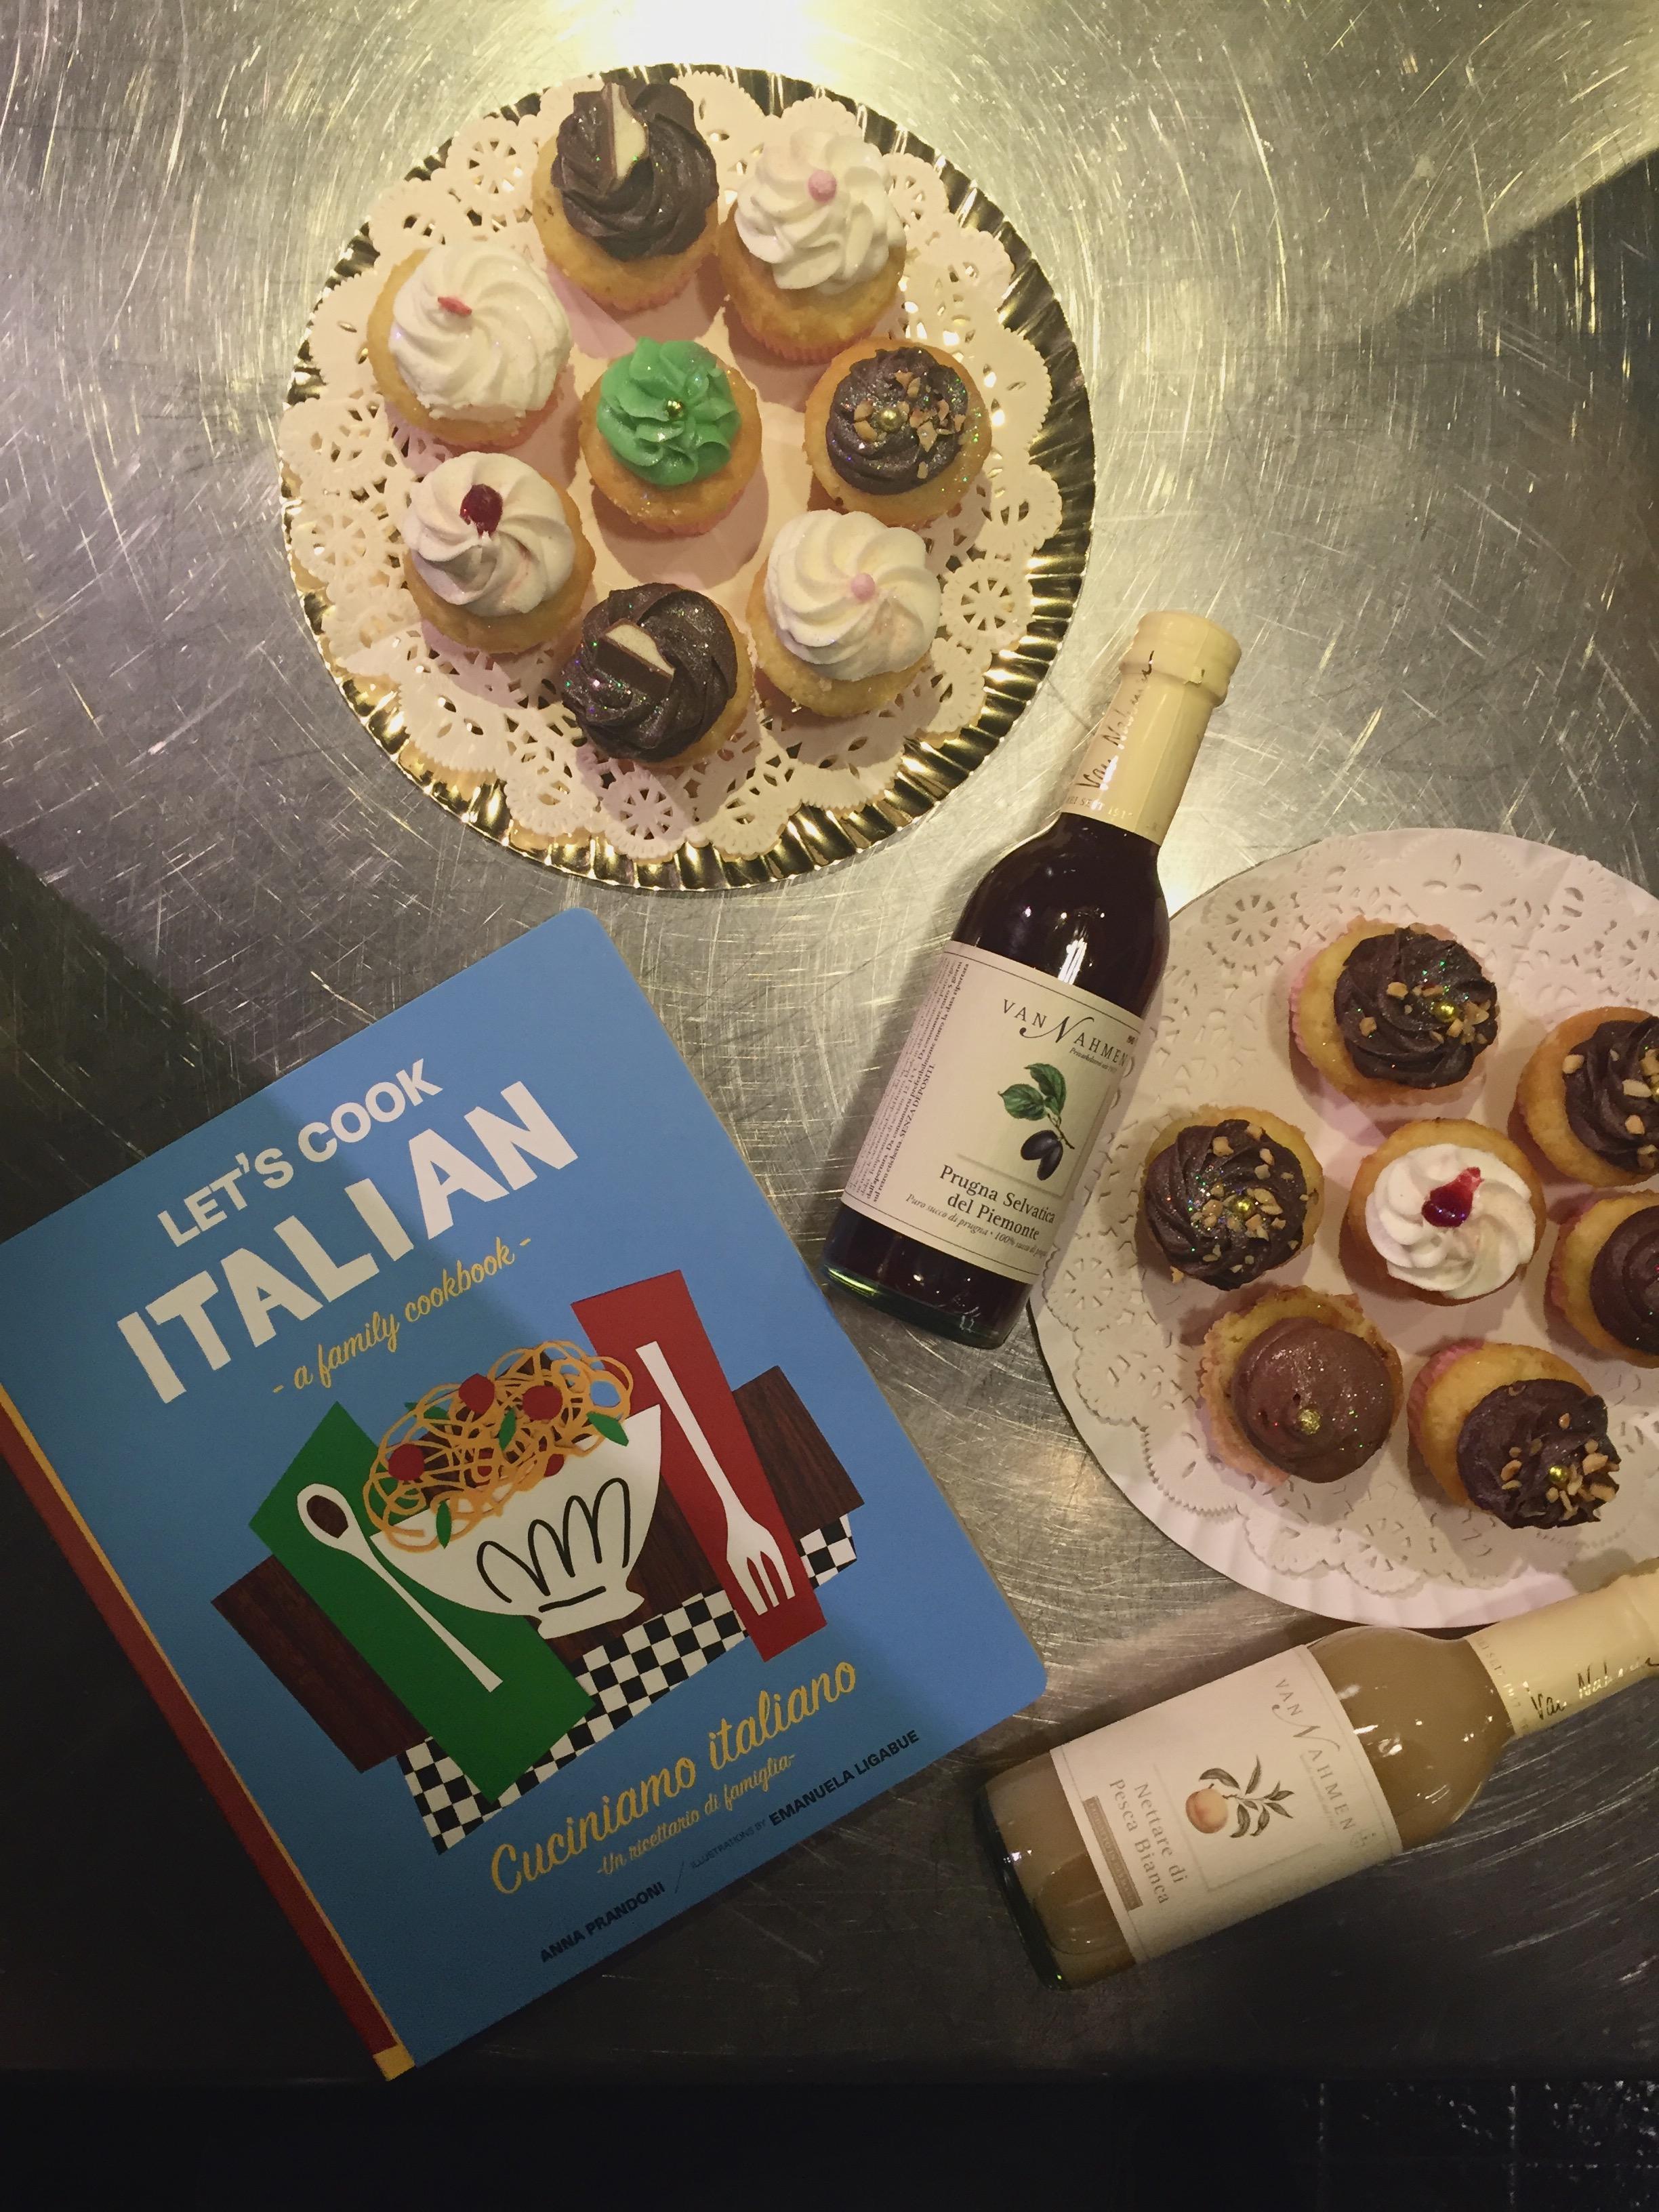 Riflessioni dopo l'evento di lancio di Let's cook italian